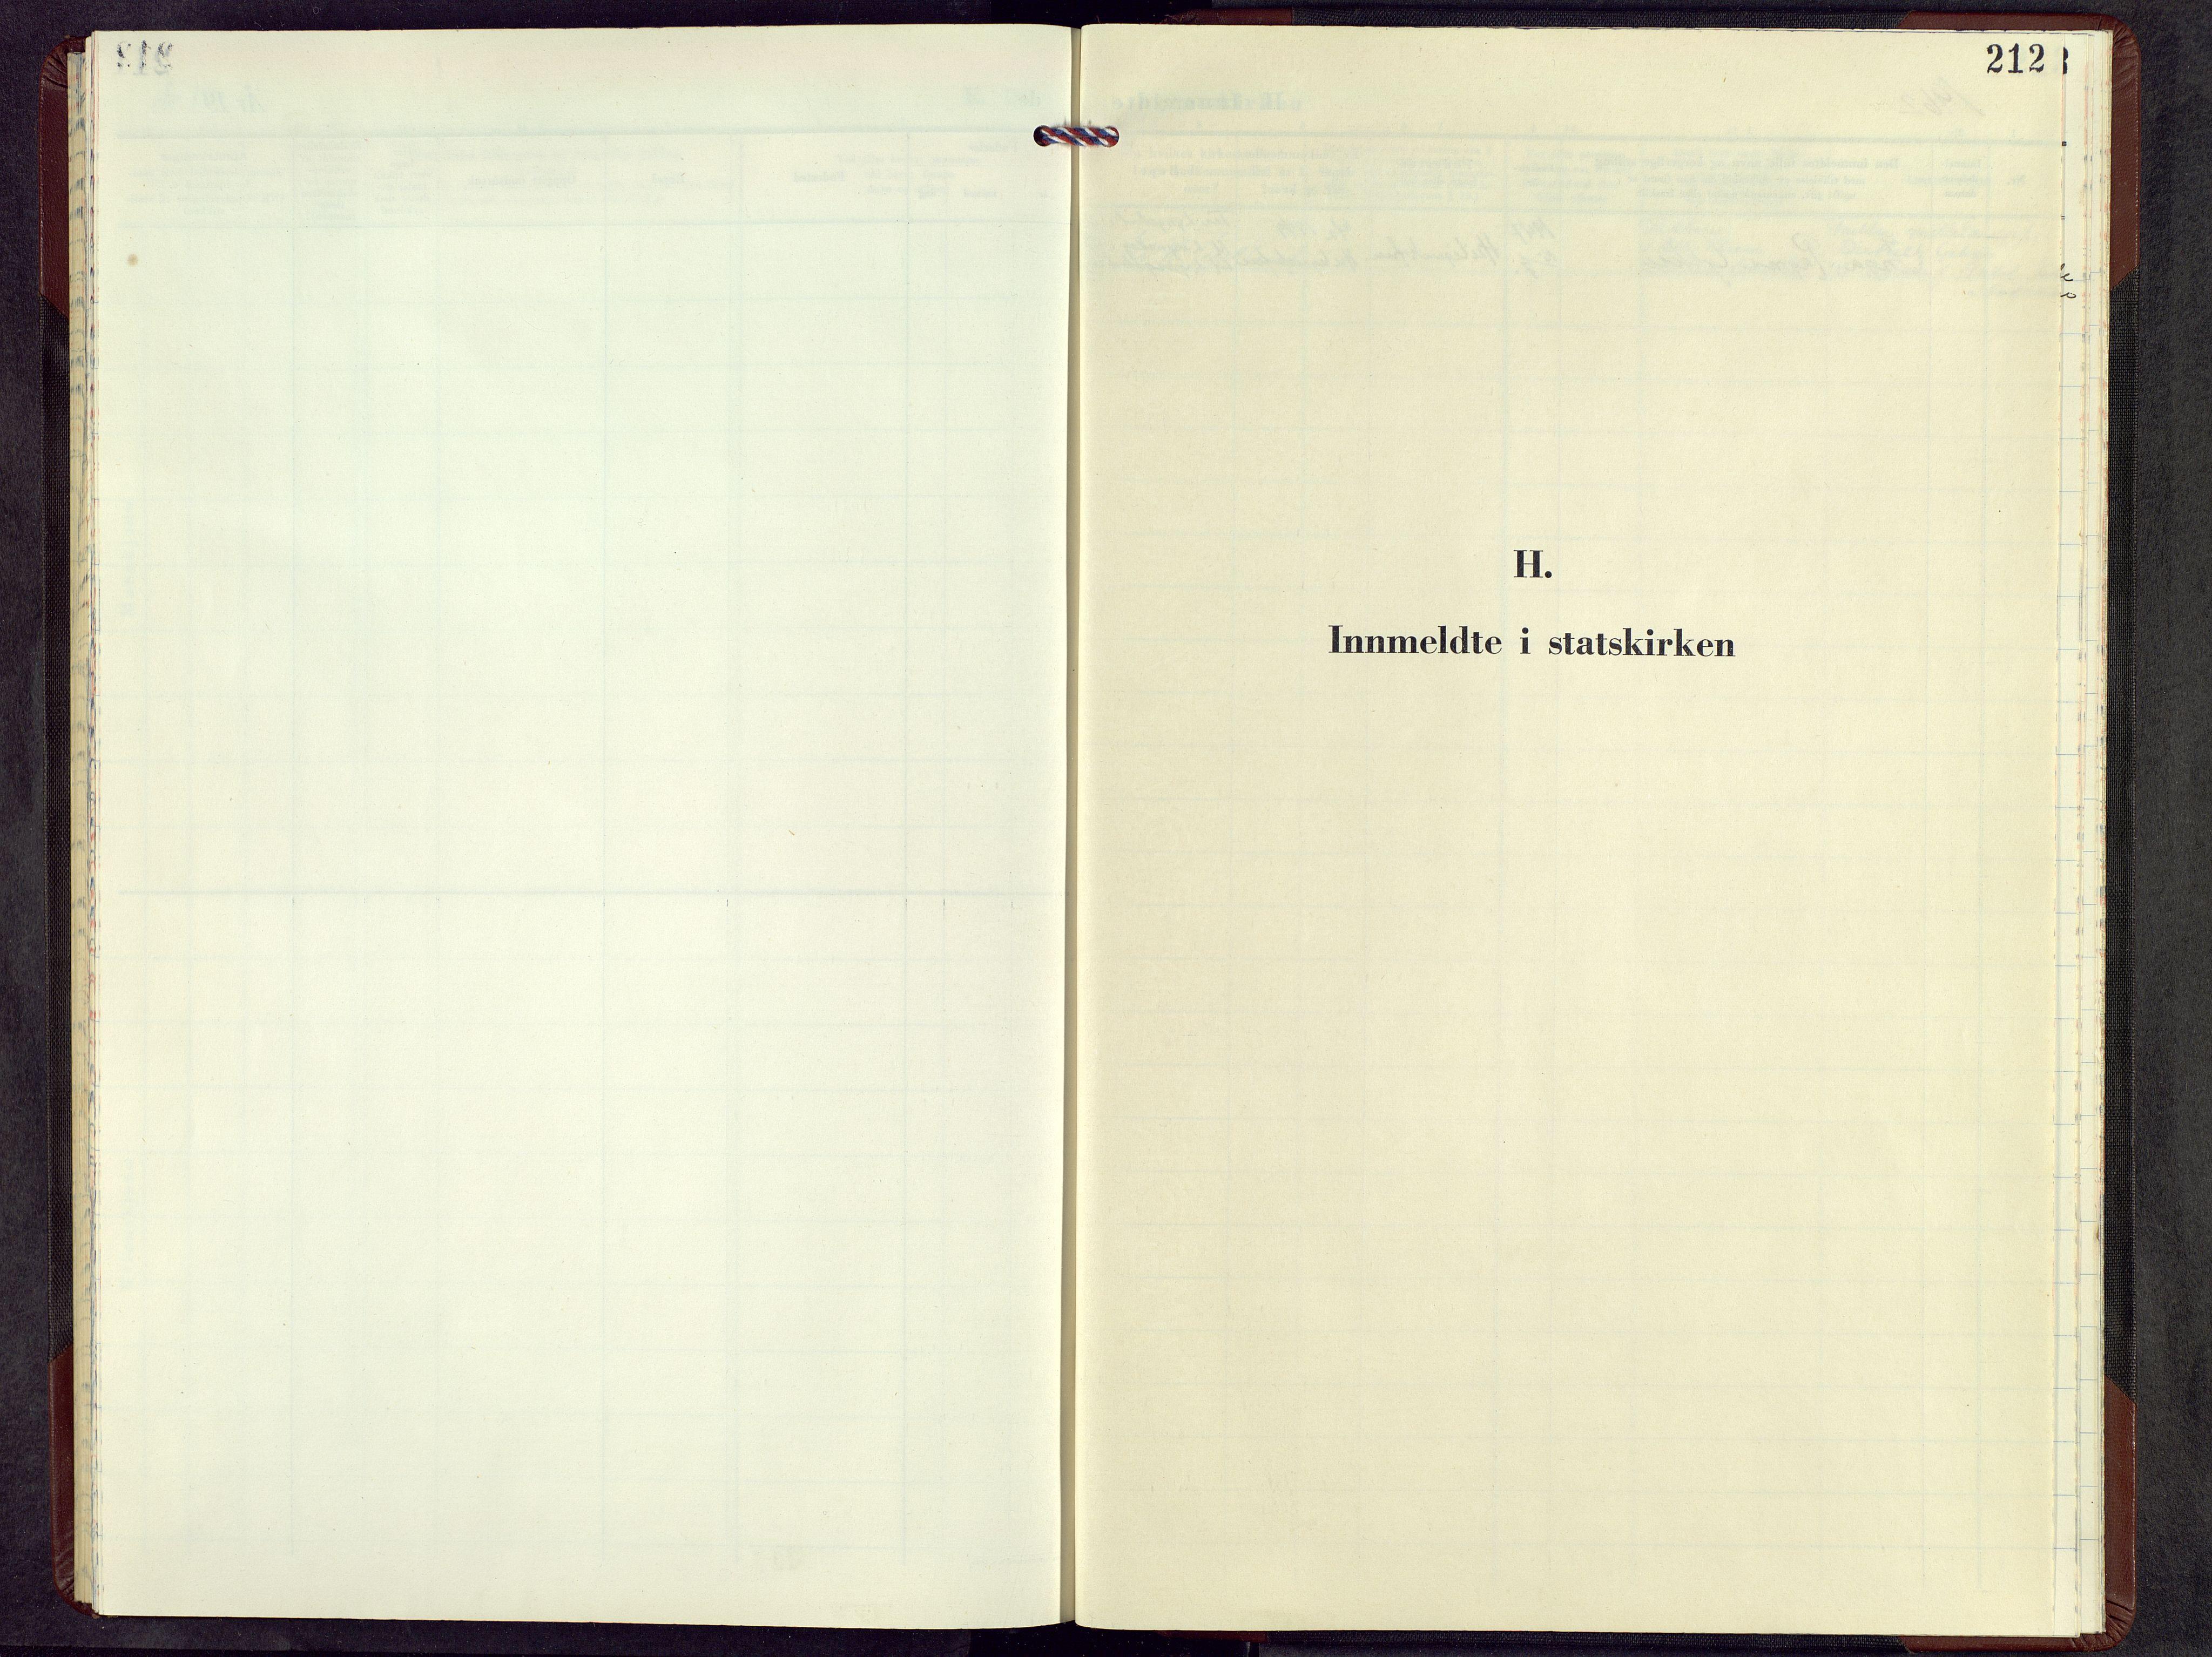 SAH, Lesja prestekontor, Parish register (copy) no. 12, 1961-1968, p. 212